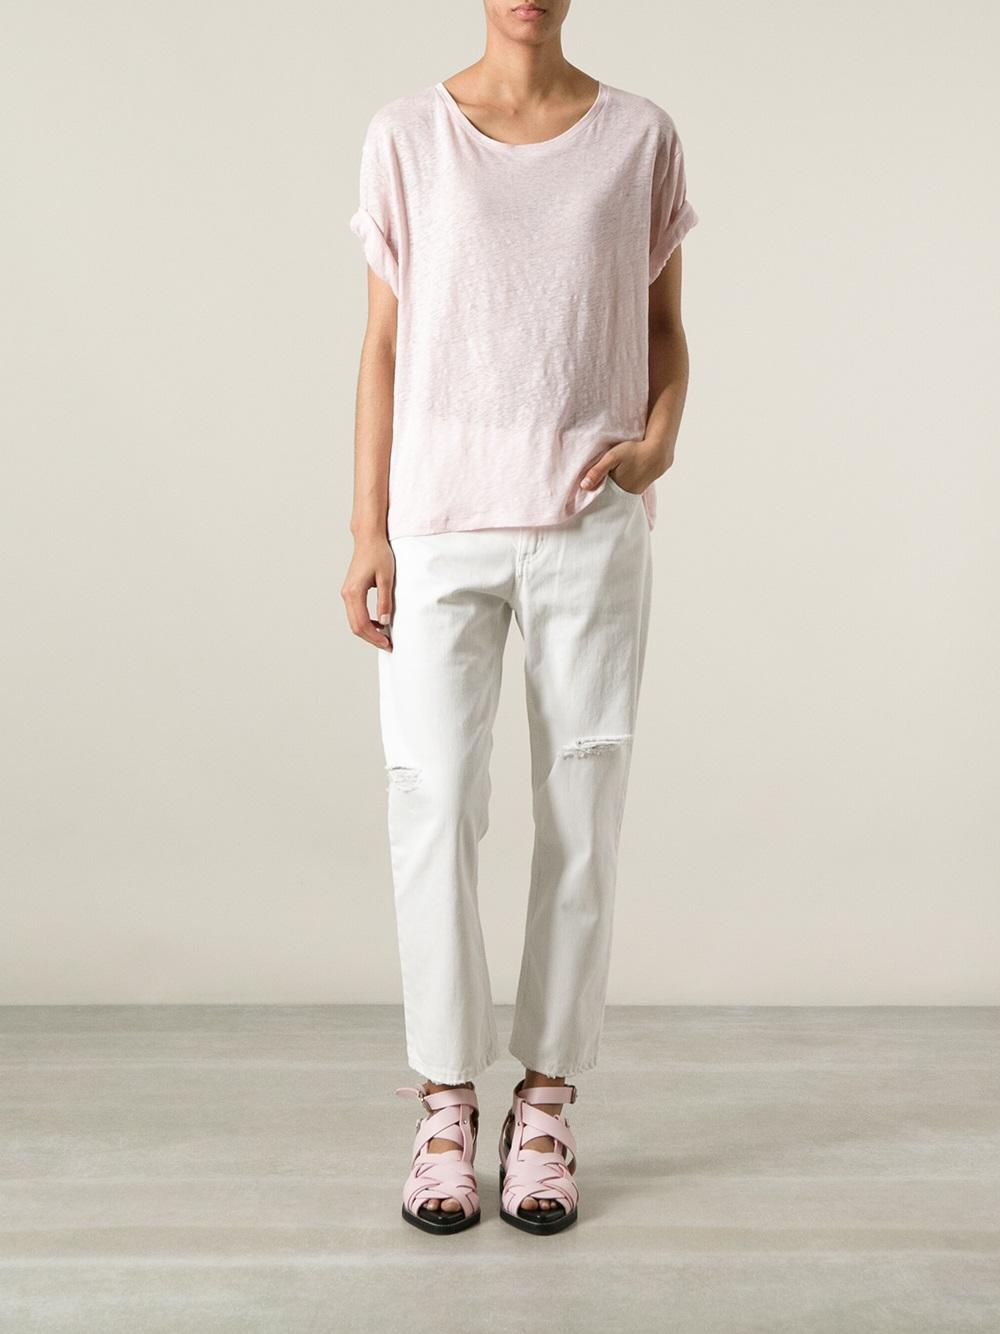 b30dd5d1ac0f Acne Studios Wonder Linen Tshirt in Pink - Lyst